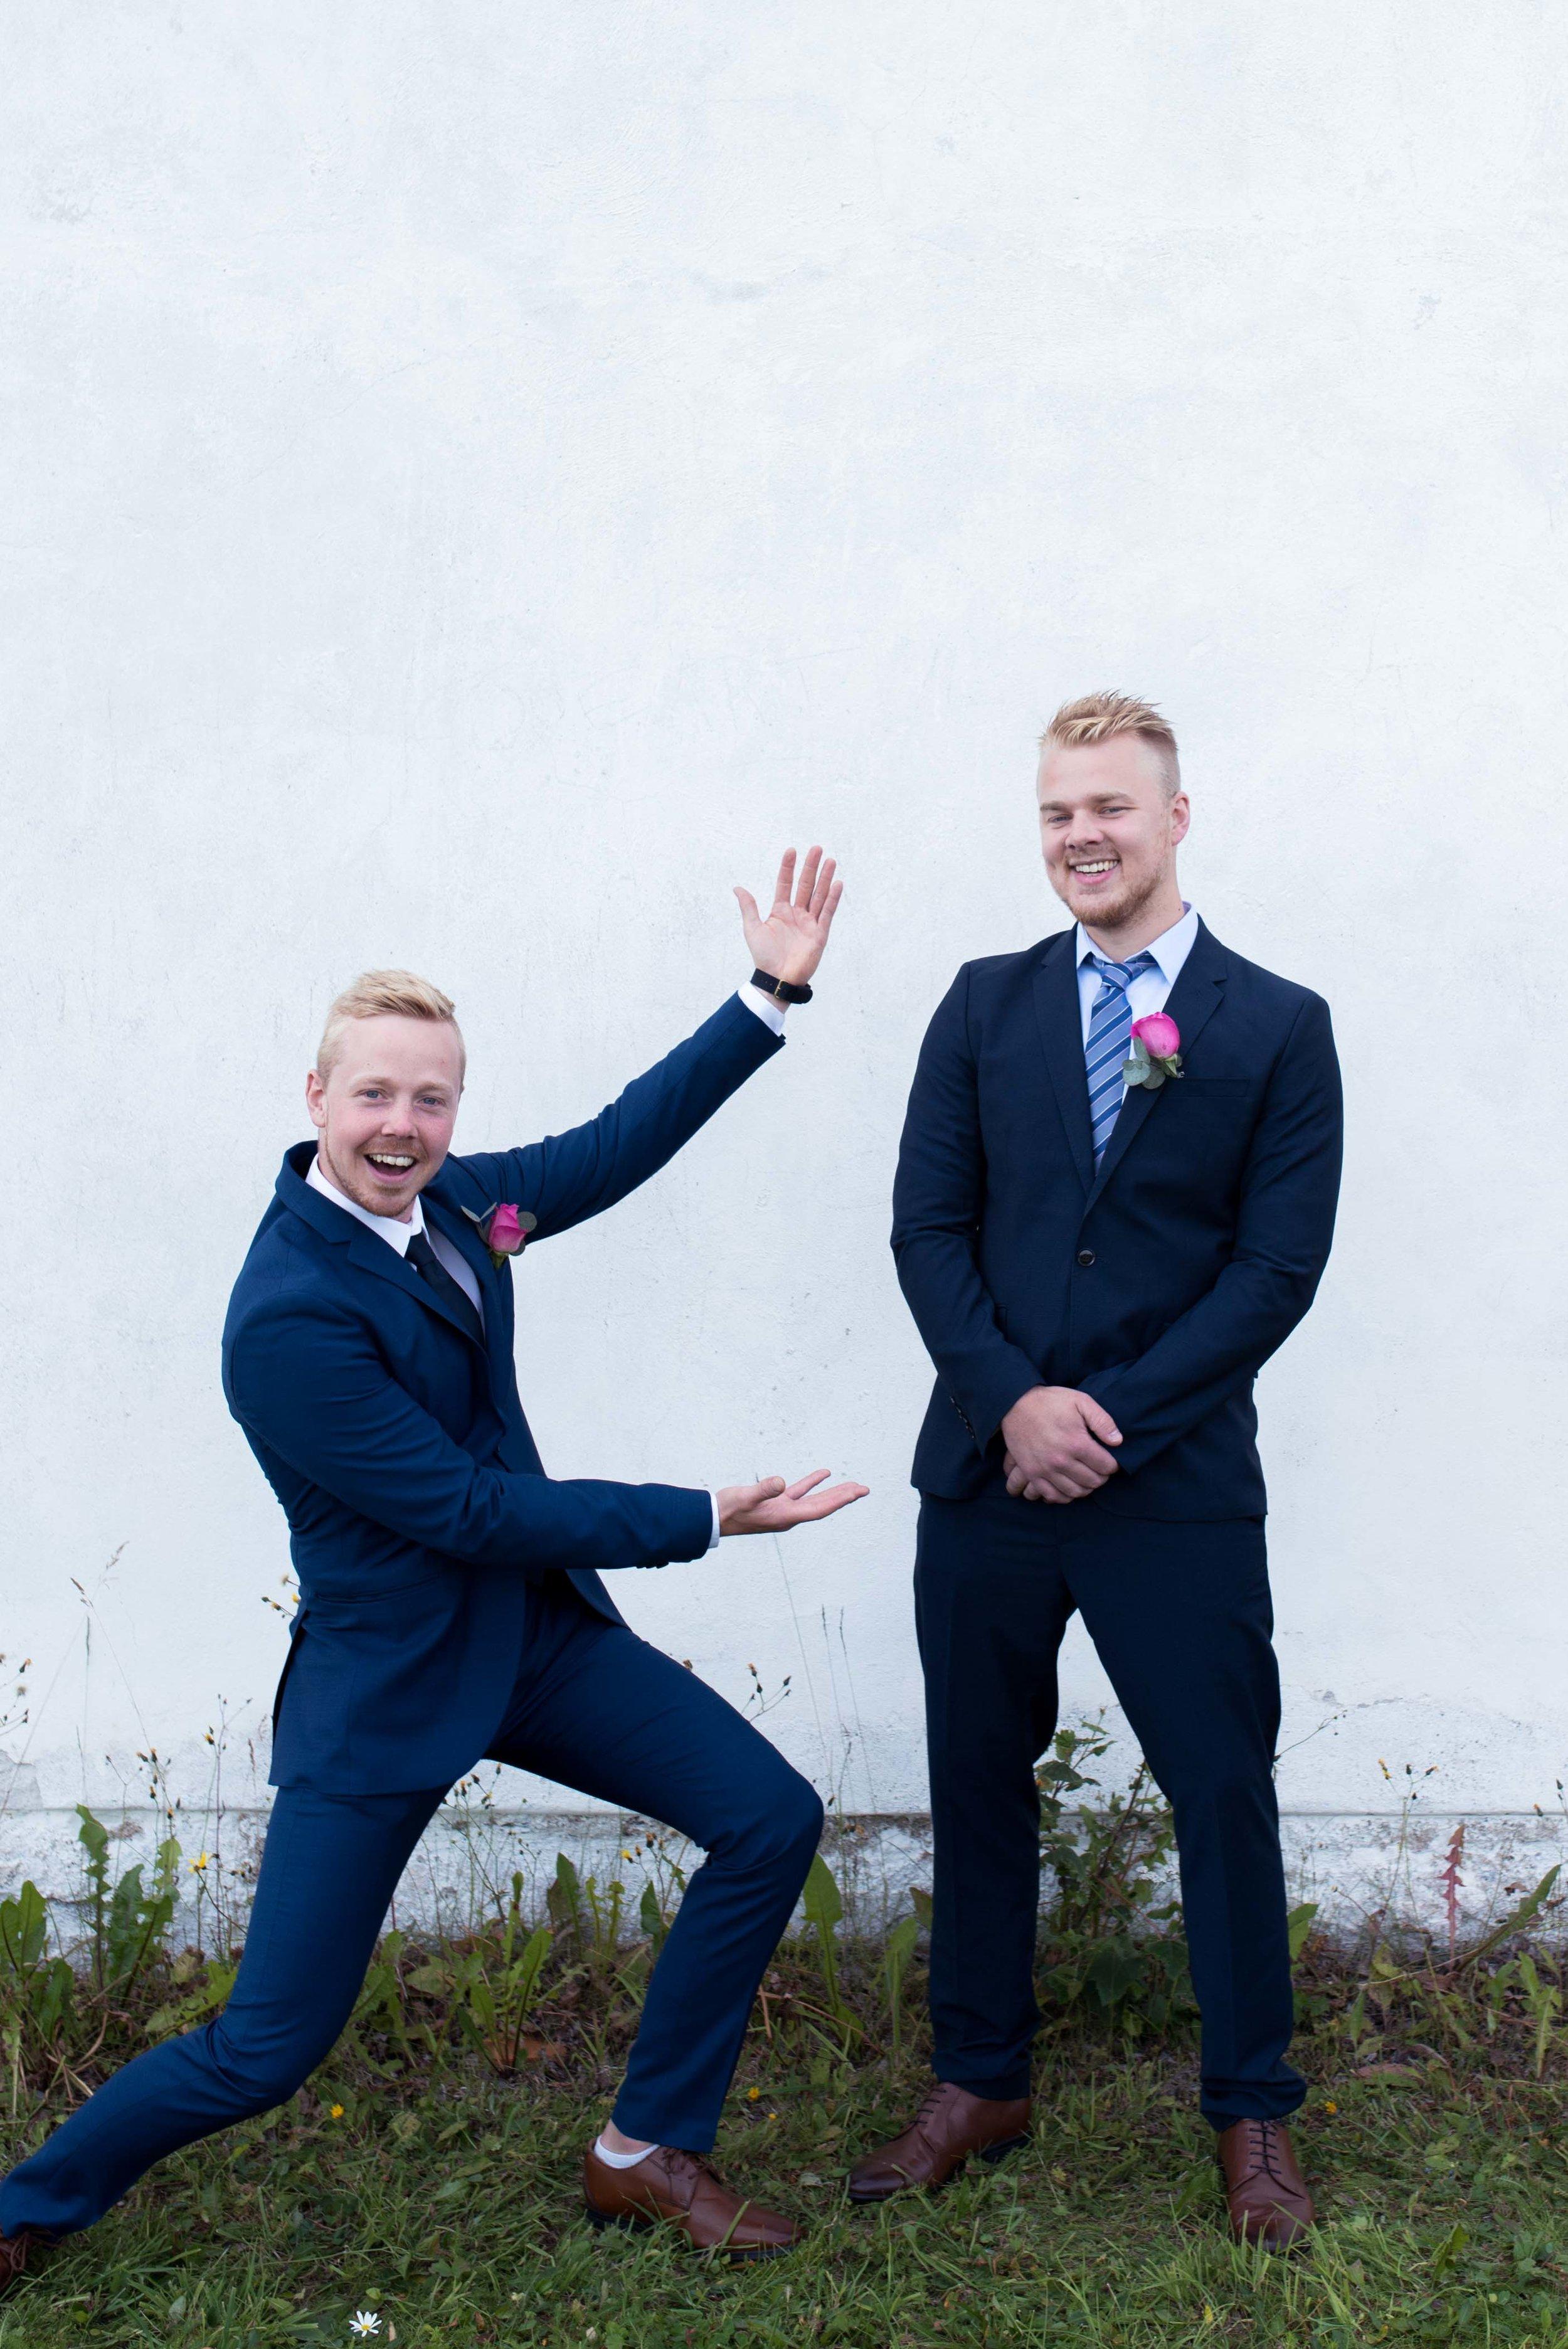 Bröllop2019lågkvall-5134.jpg